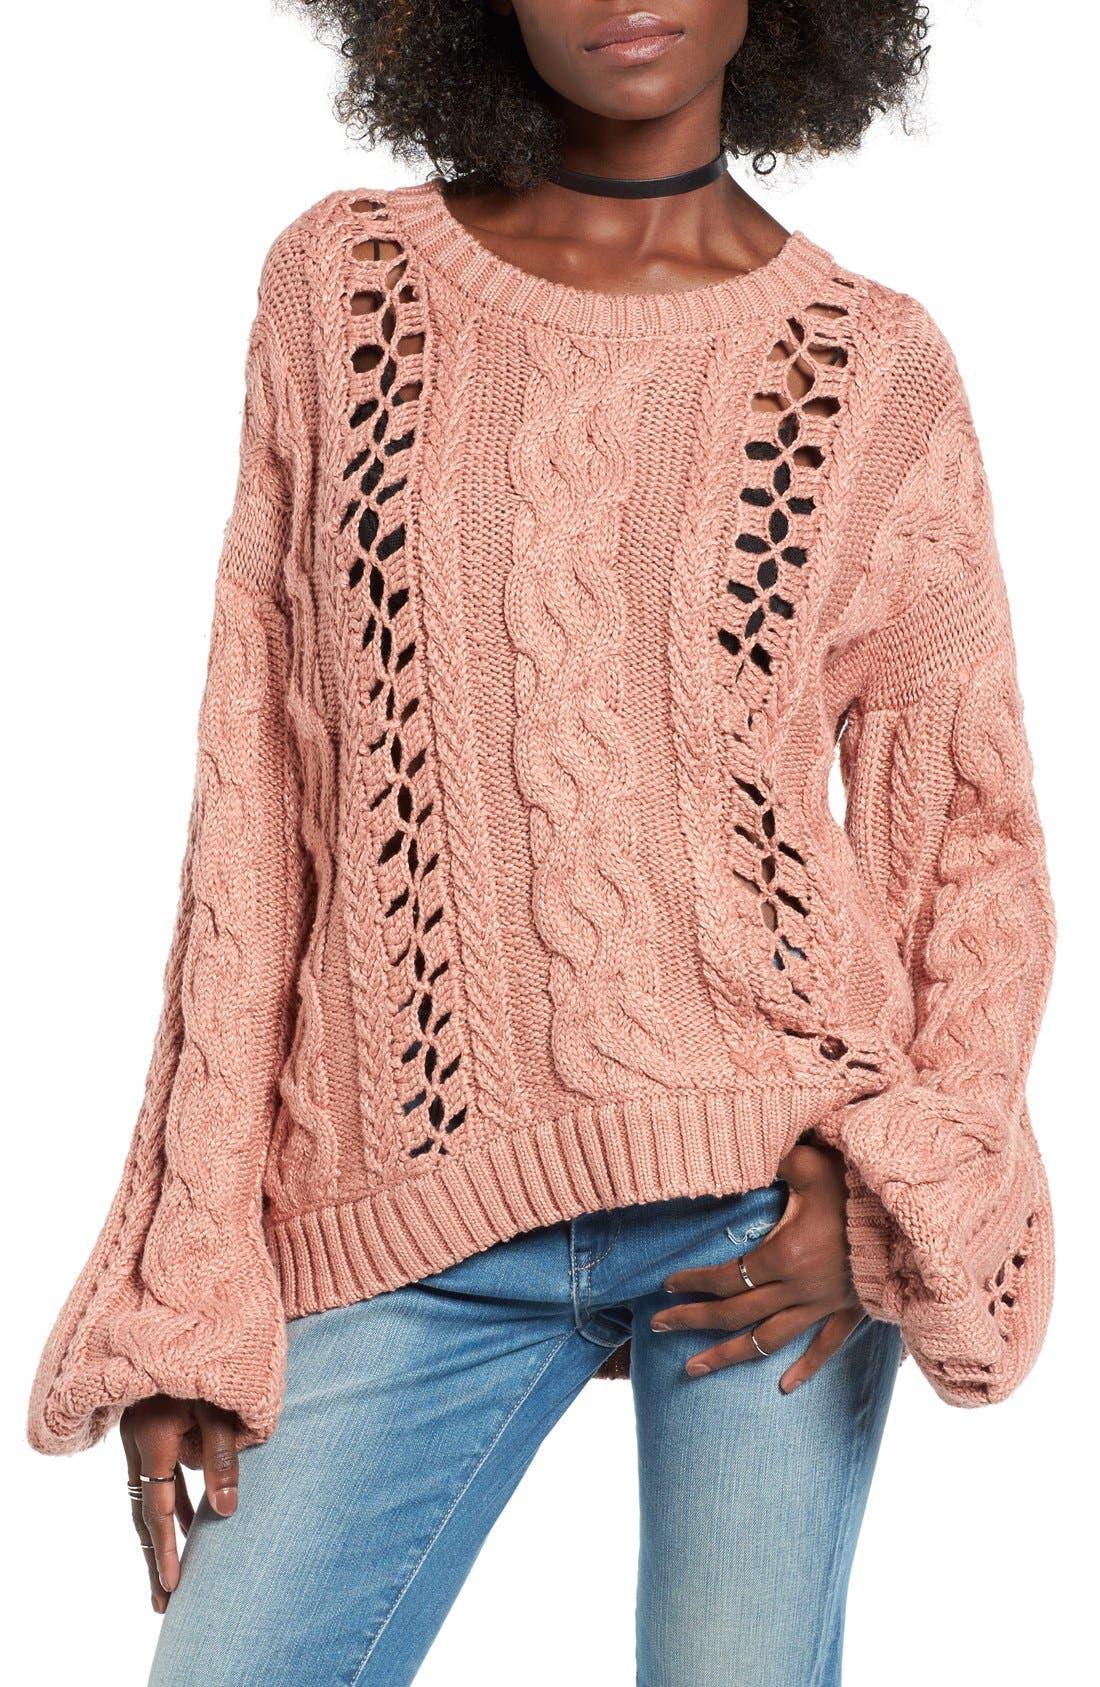 Alternate Image 1 Selected - For Love & Lemons Wythe Openwork Bell Sleeve Sweater